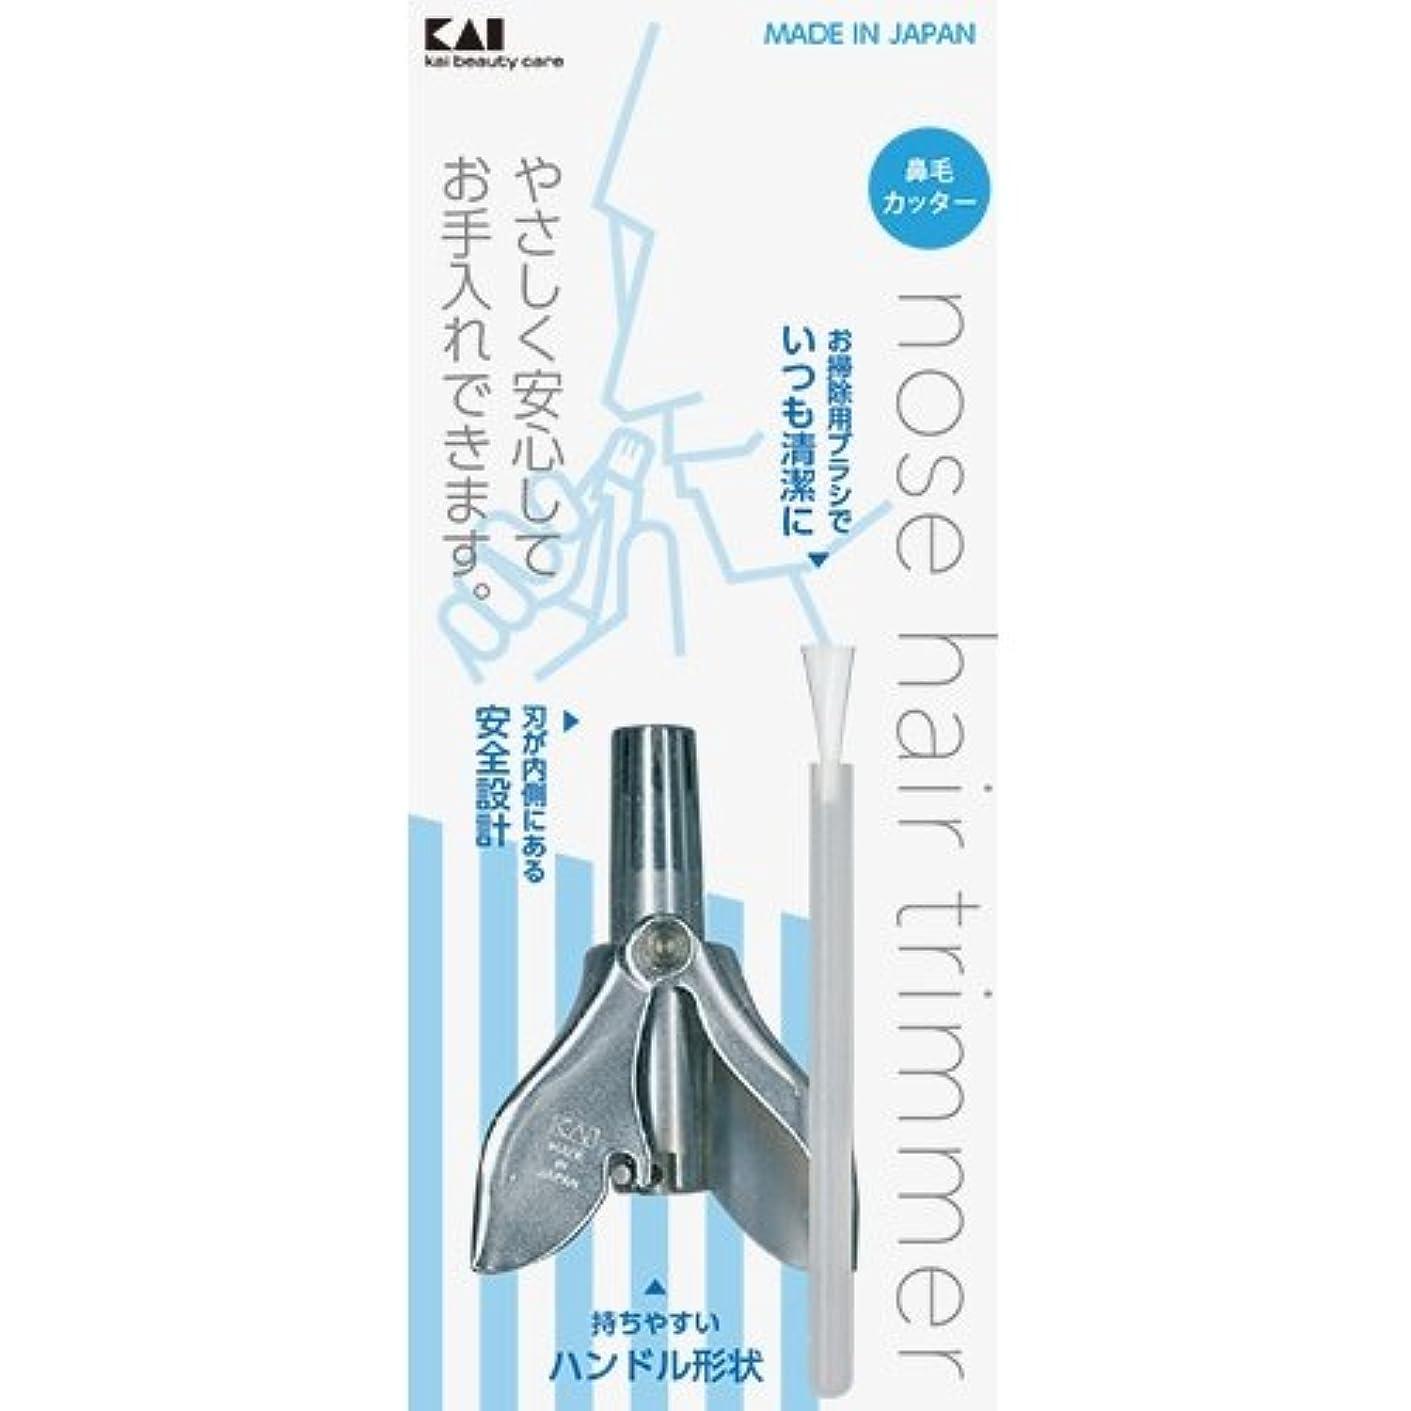 試用バウンド干ばつ鼻毛カッター (回転式 ) KQ3037